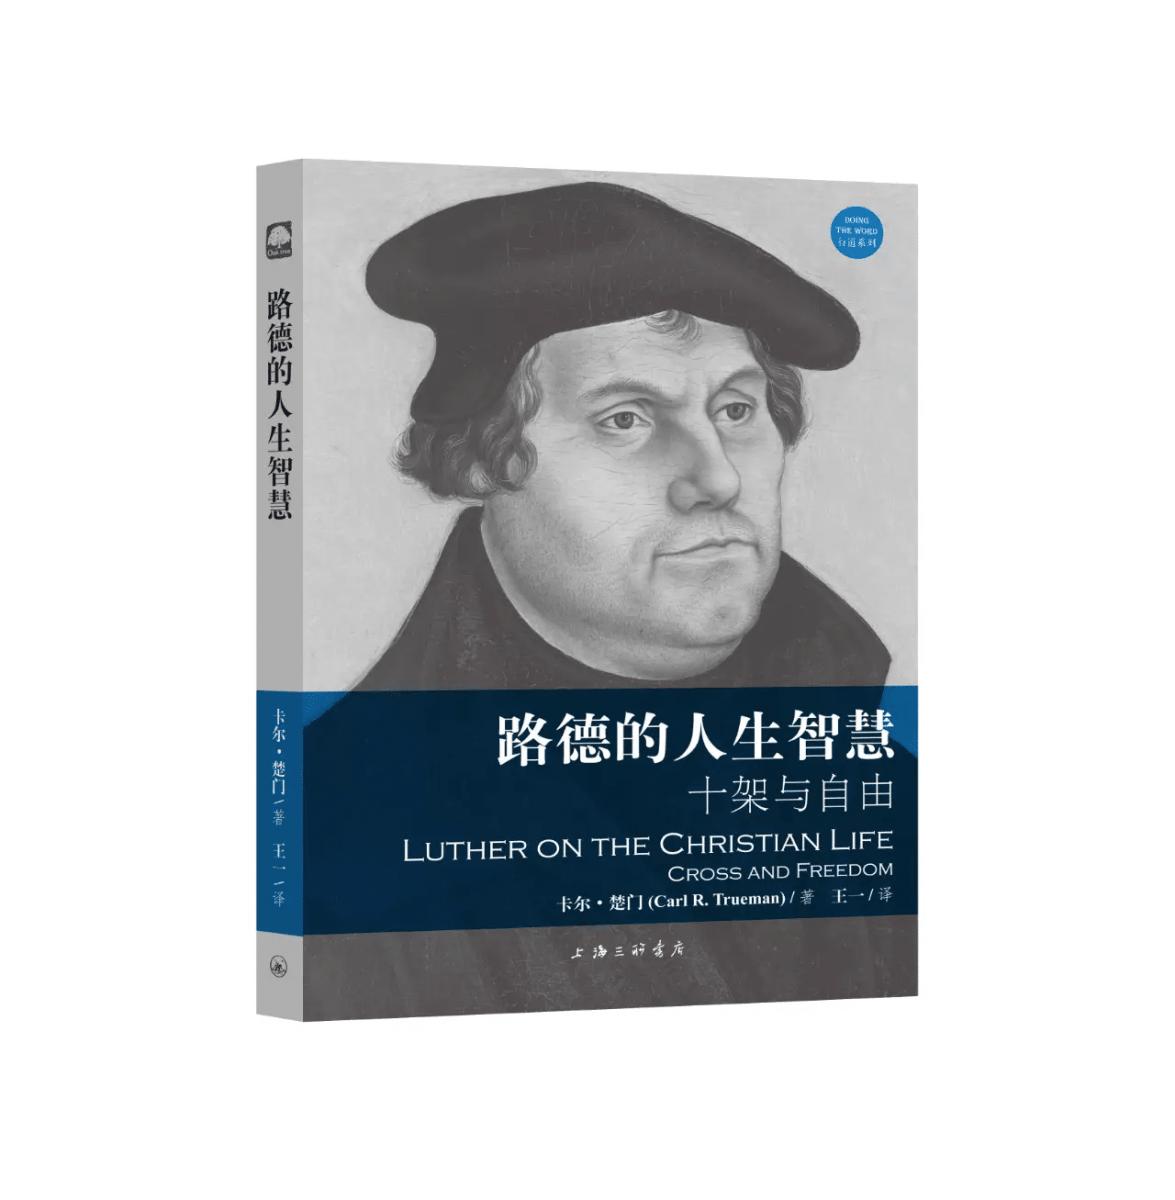 新书推荐《路德的人生智慧》